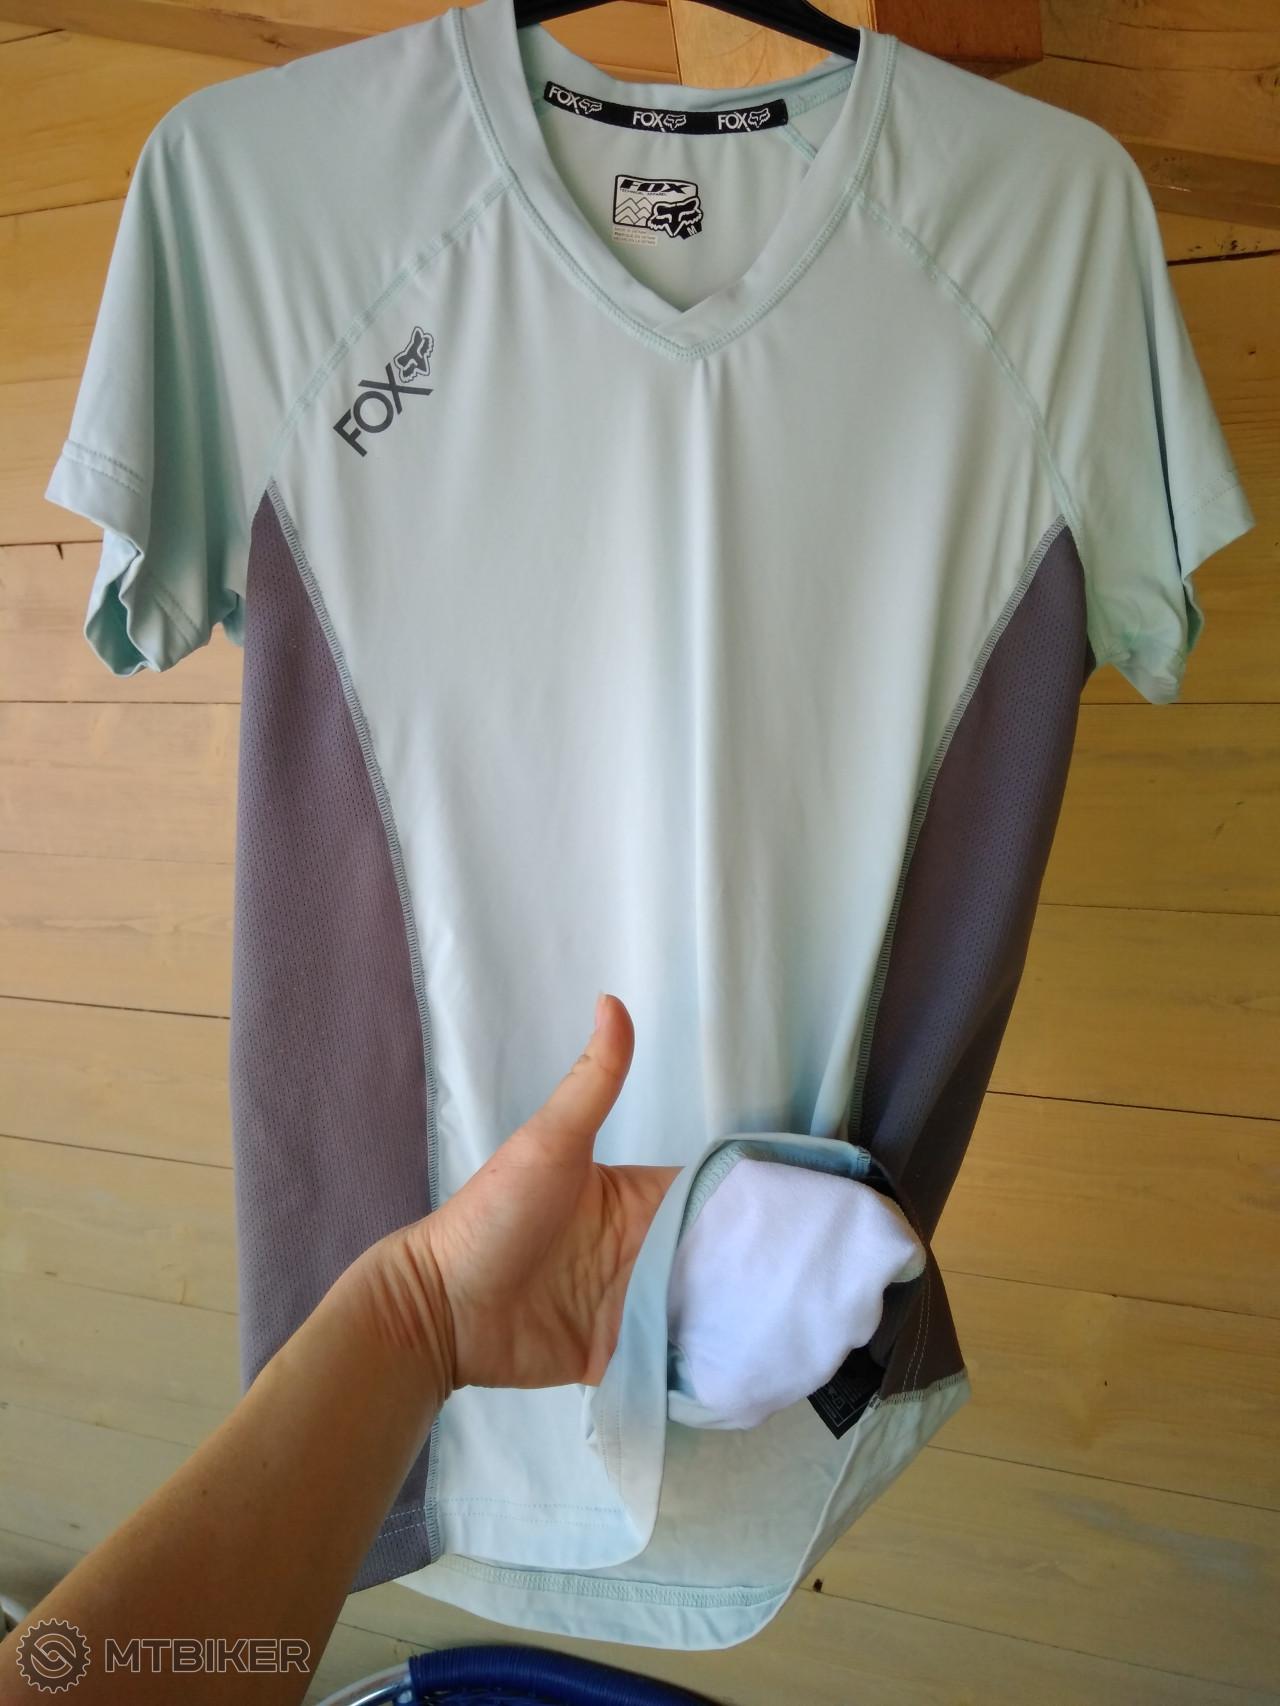 e71ec7993 Dámske Tričko/dres Fox Veľkosť M - Príslušenstvo - Oblečenie a batohy -  Bazár MTBIKER